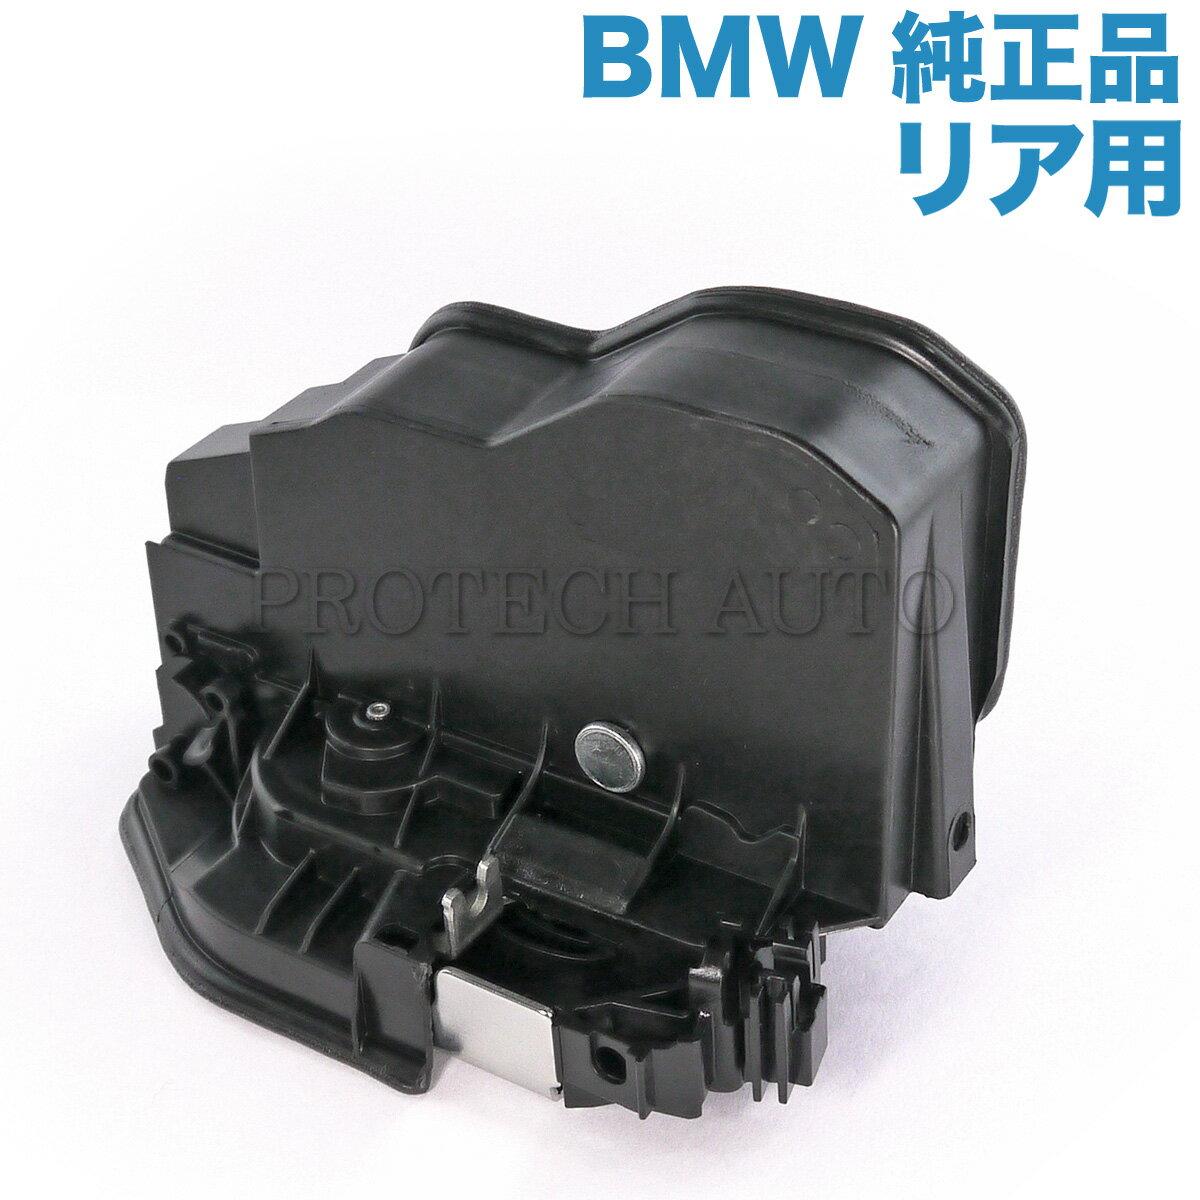 純正 BMW 7シリーズ E65 E66 F01 F02 リヤ/リア ドアロックアクチュエーター 1個 右 51227202148 735i 740i 745i 750i 740Li 745Li 750Li 760Li【あす楽対応】